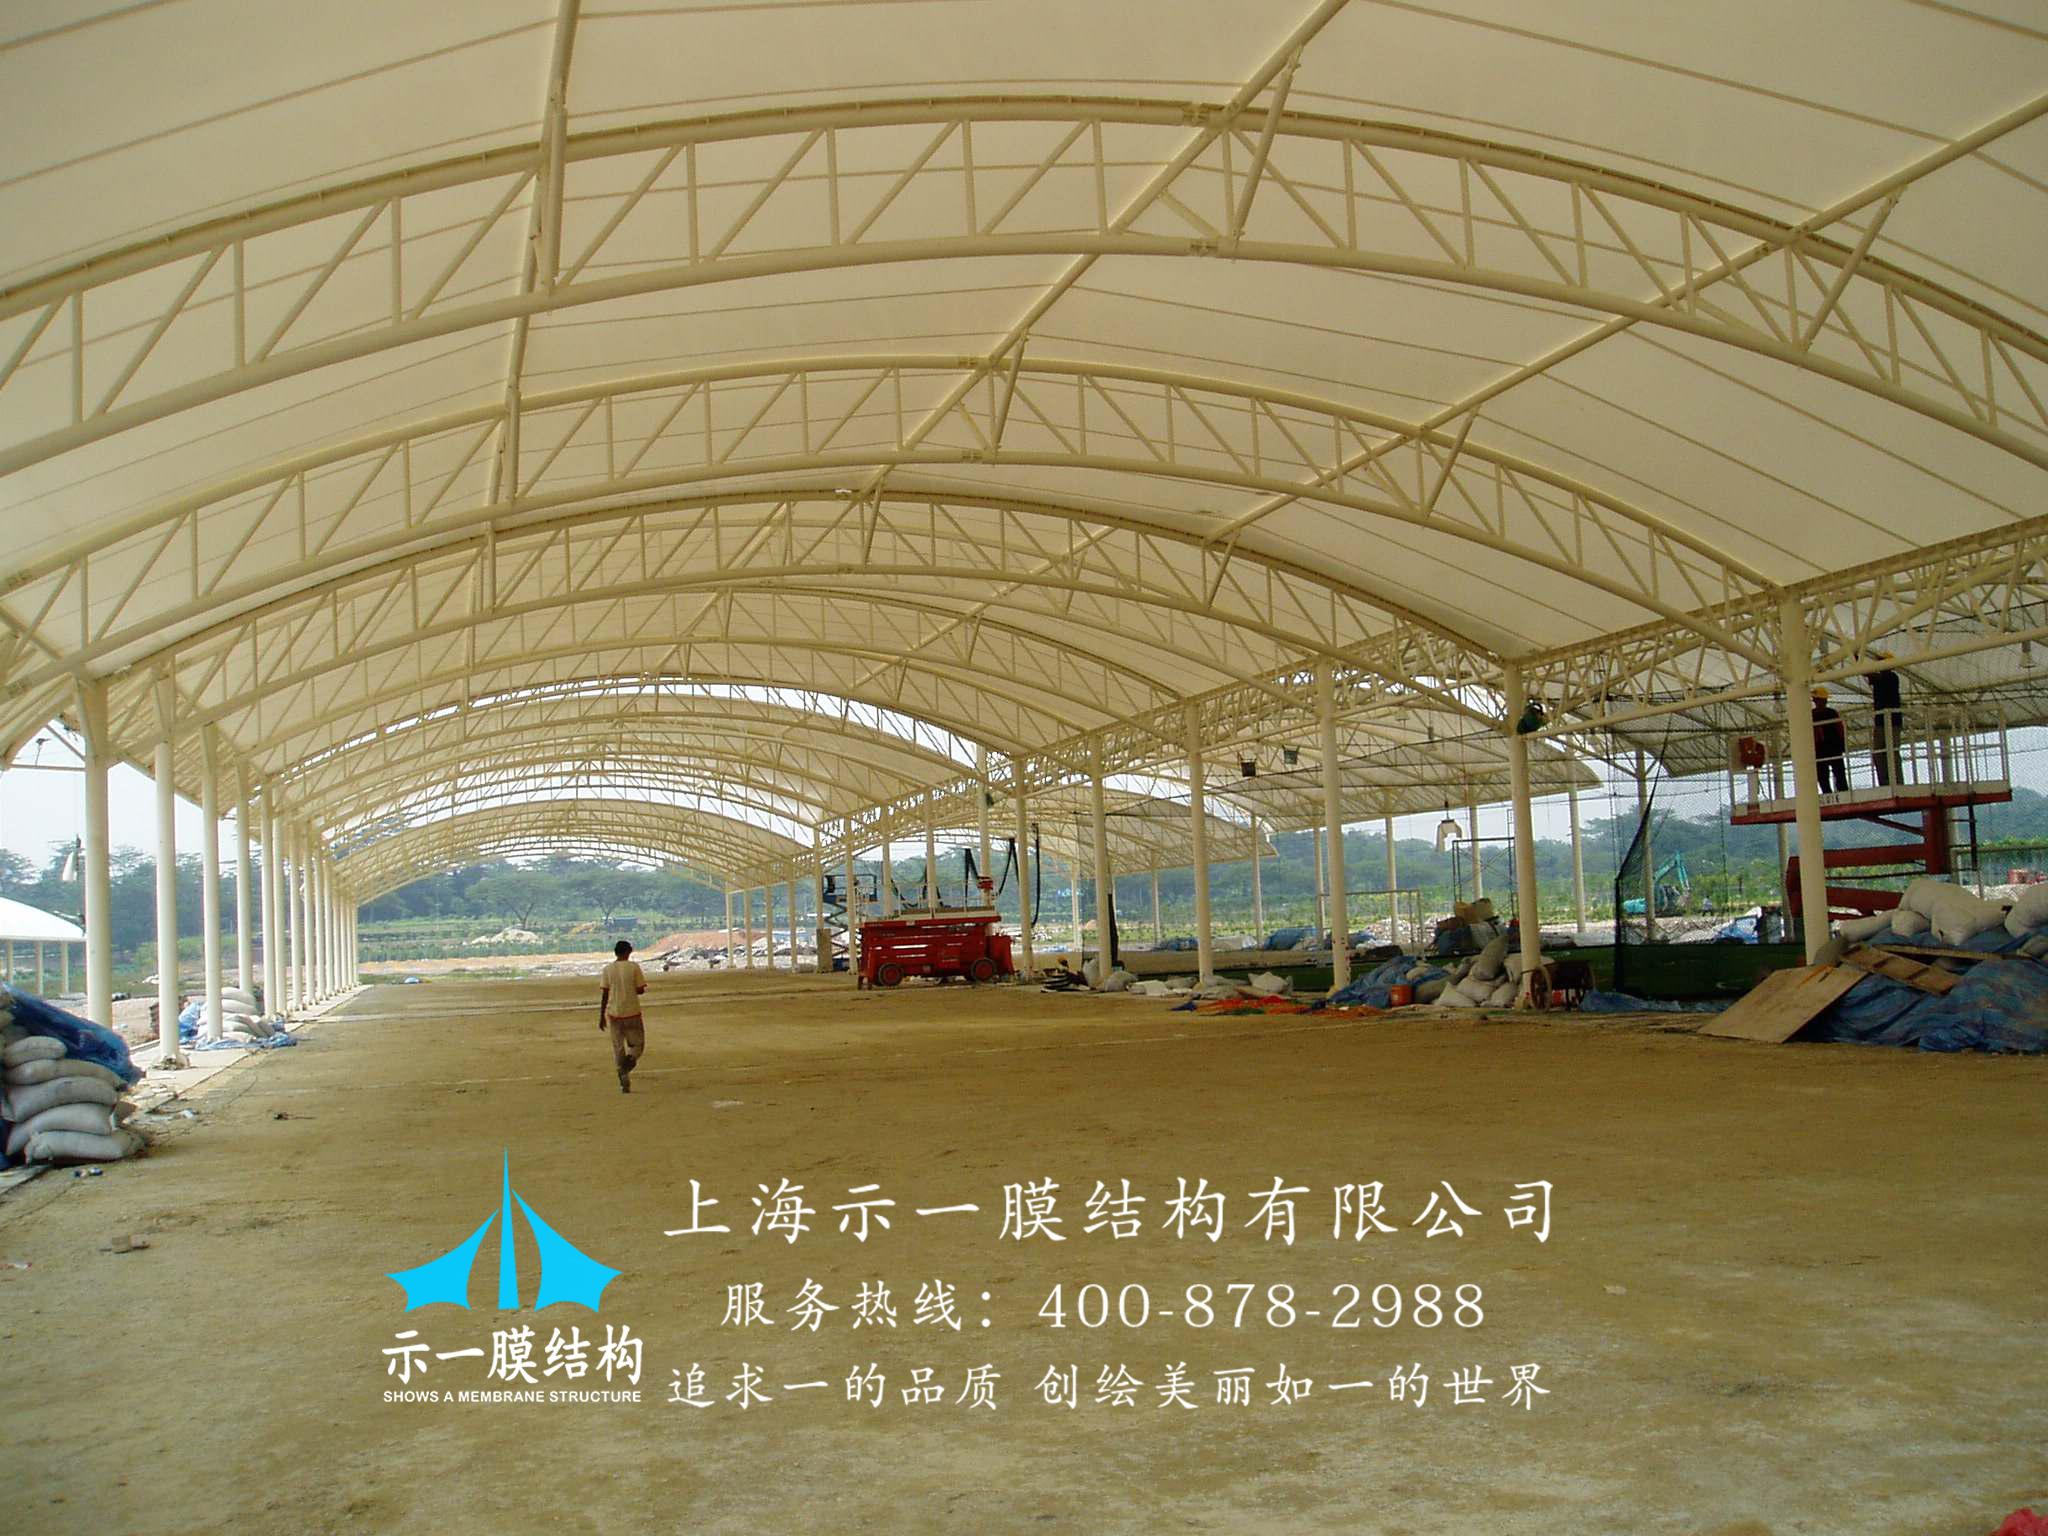 膜结构厂区中转区顶棚1031233